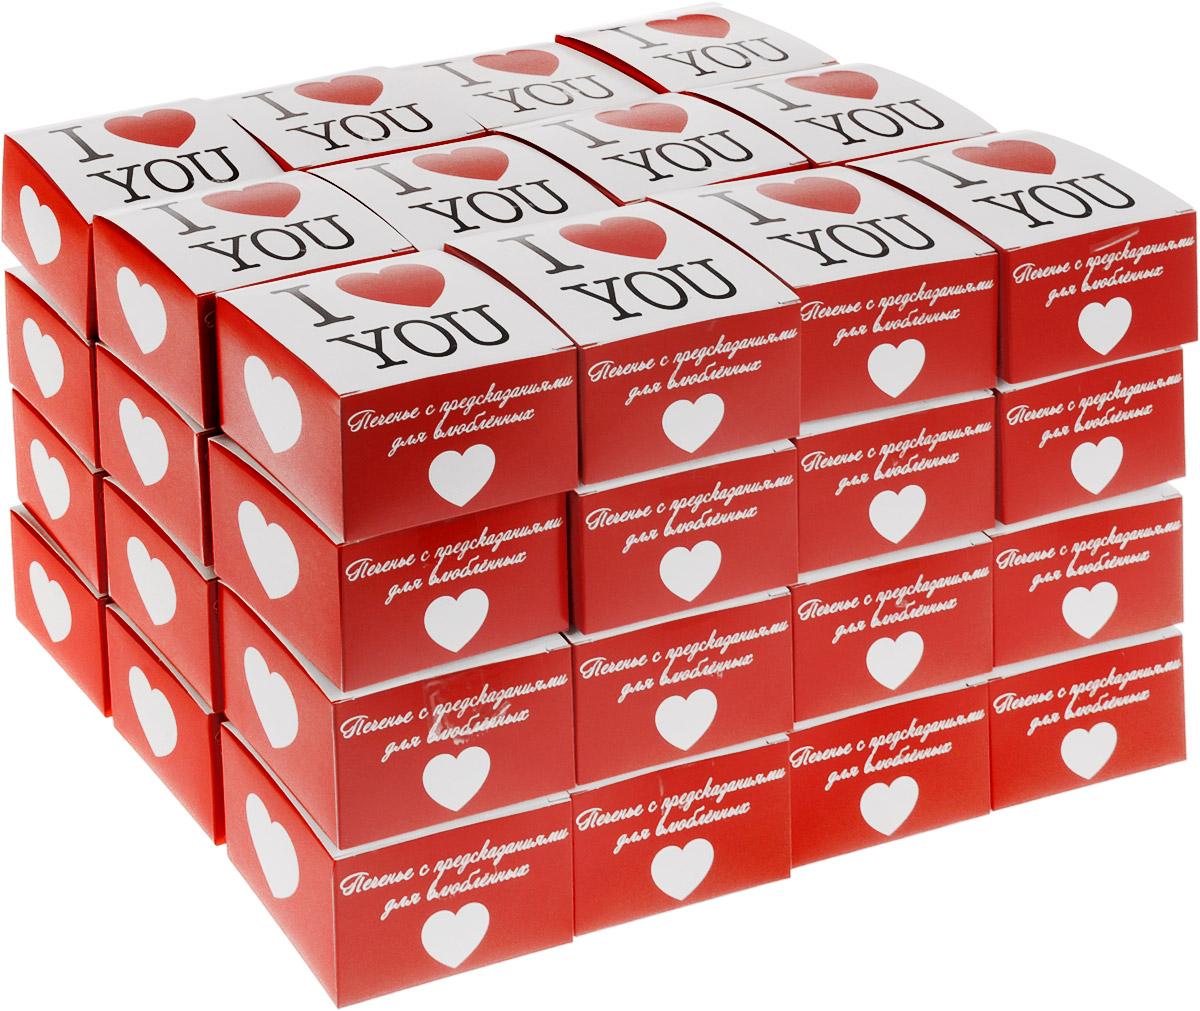 Волшебное печенье Вкусная помощь с предсказаниями Для влюбленных, 48 шт